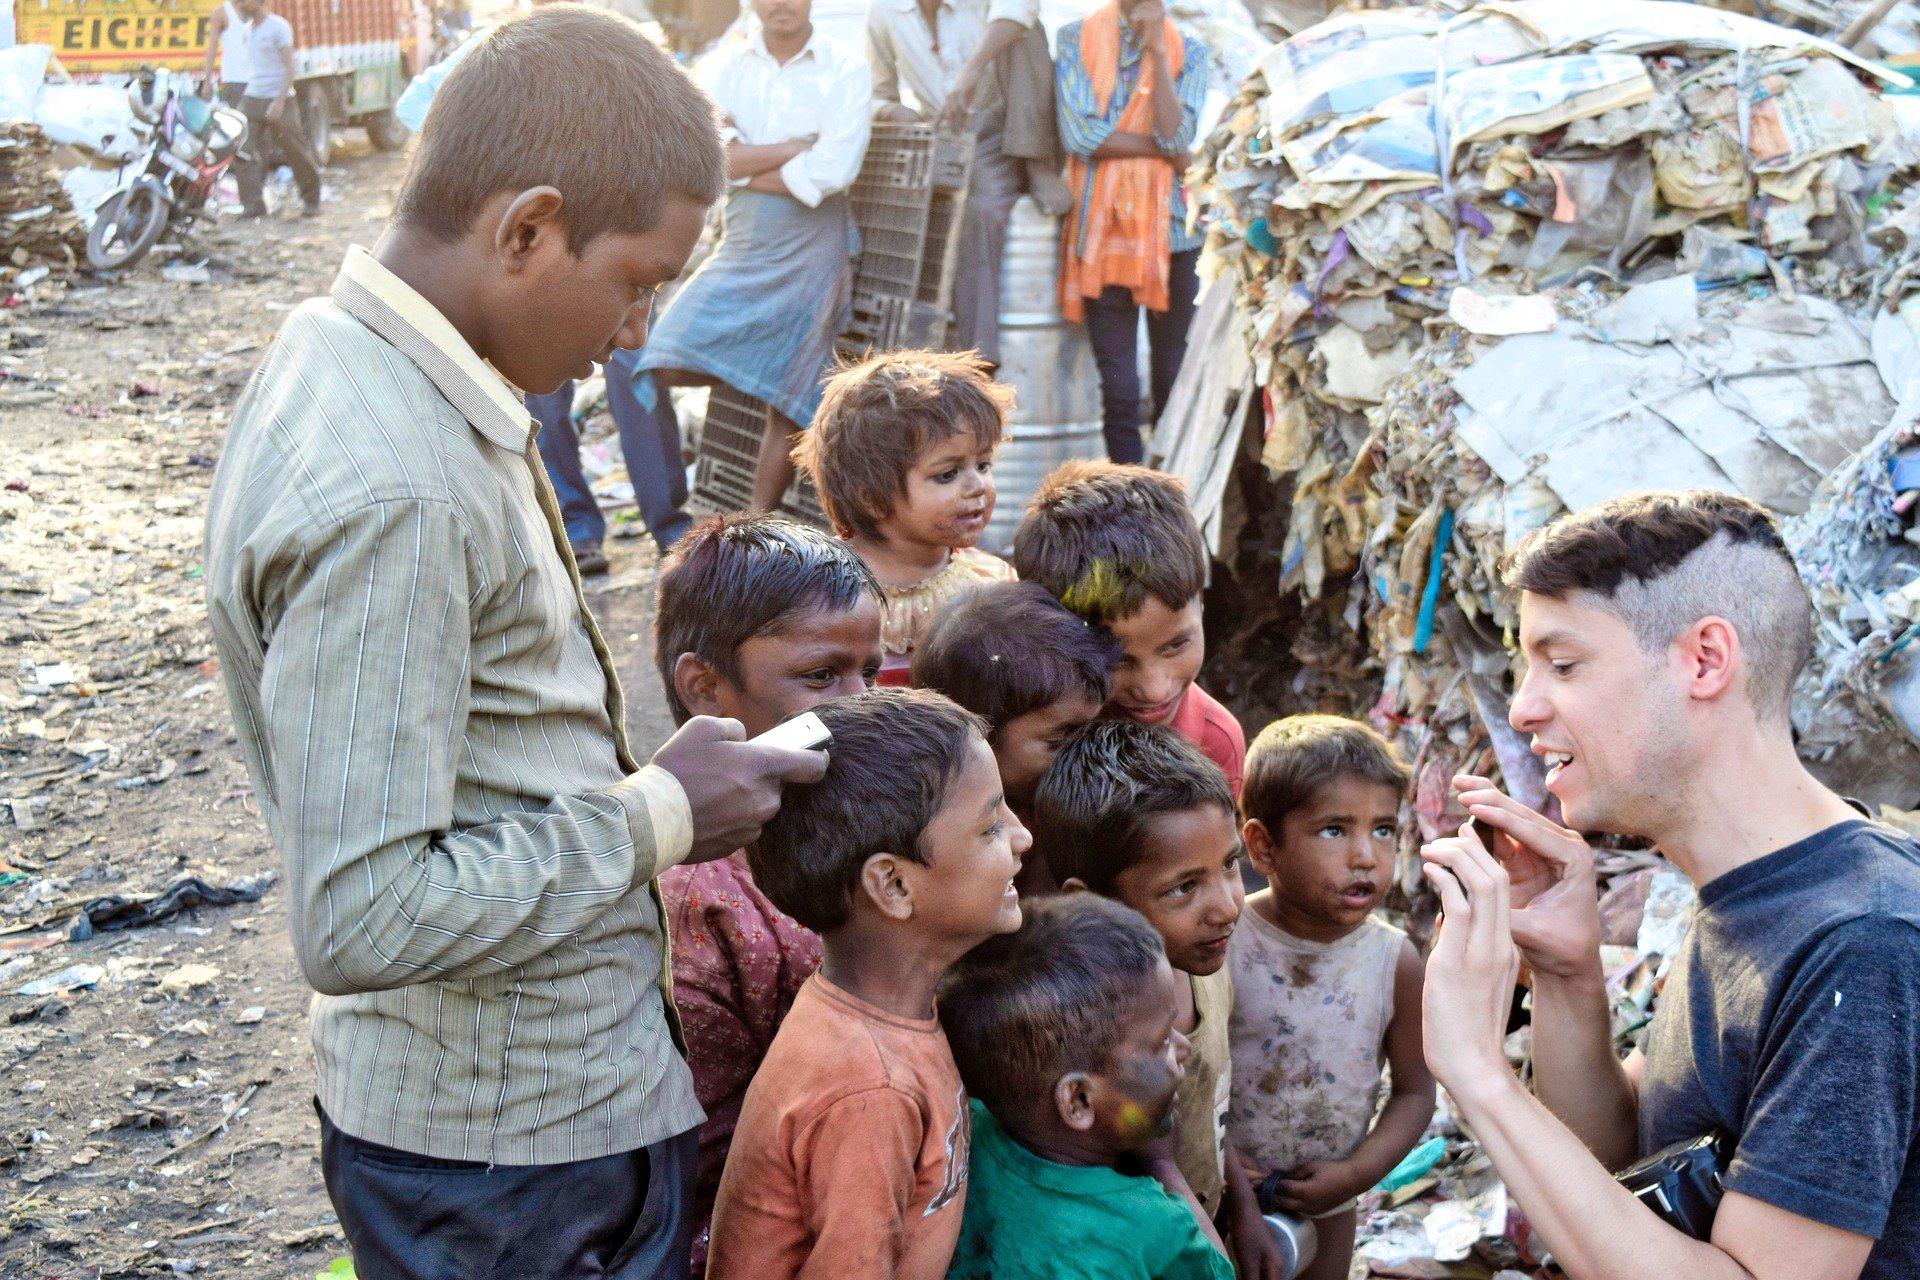 NGO organised slum tours